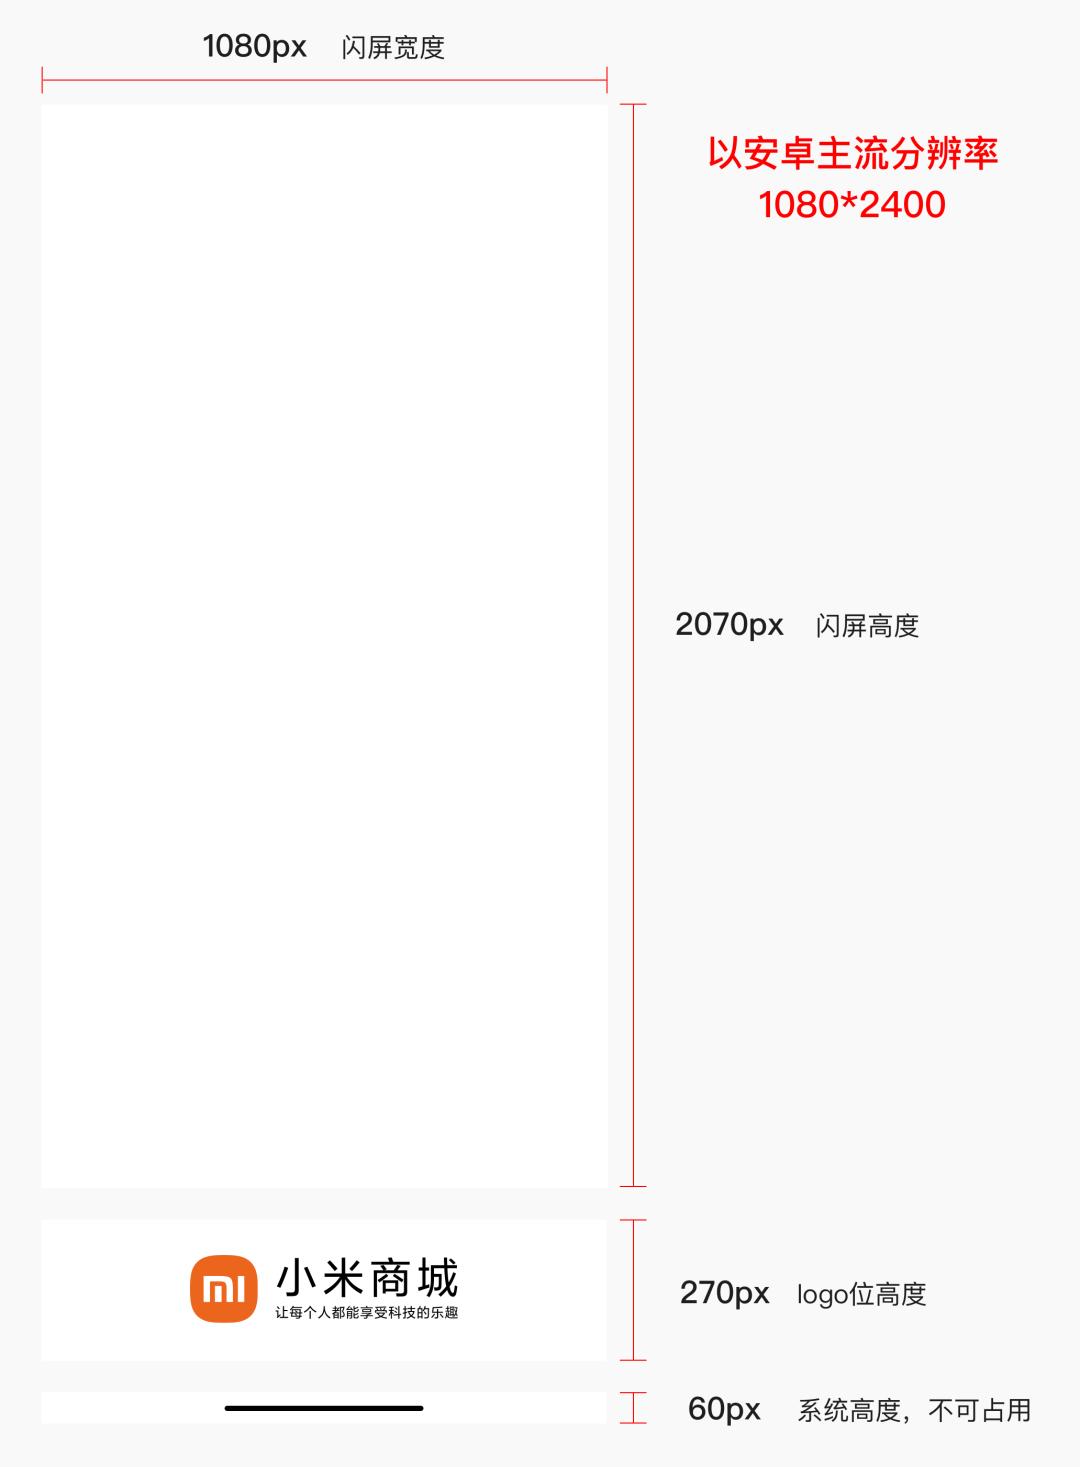 【精华篇】APP闪屏的设计门道